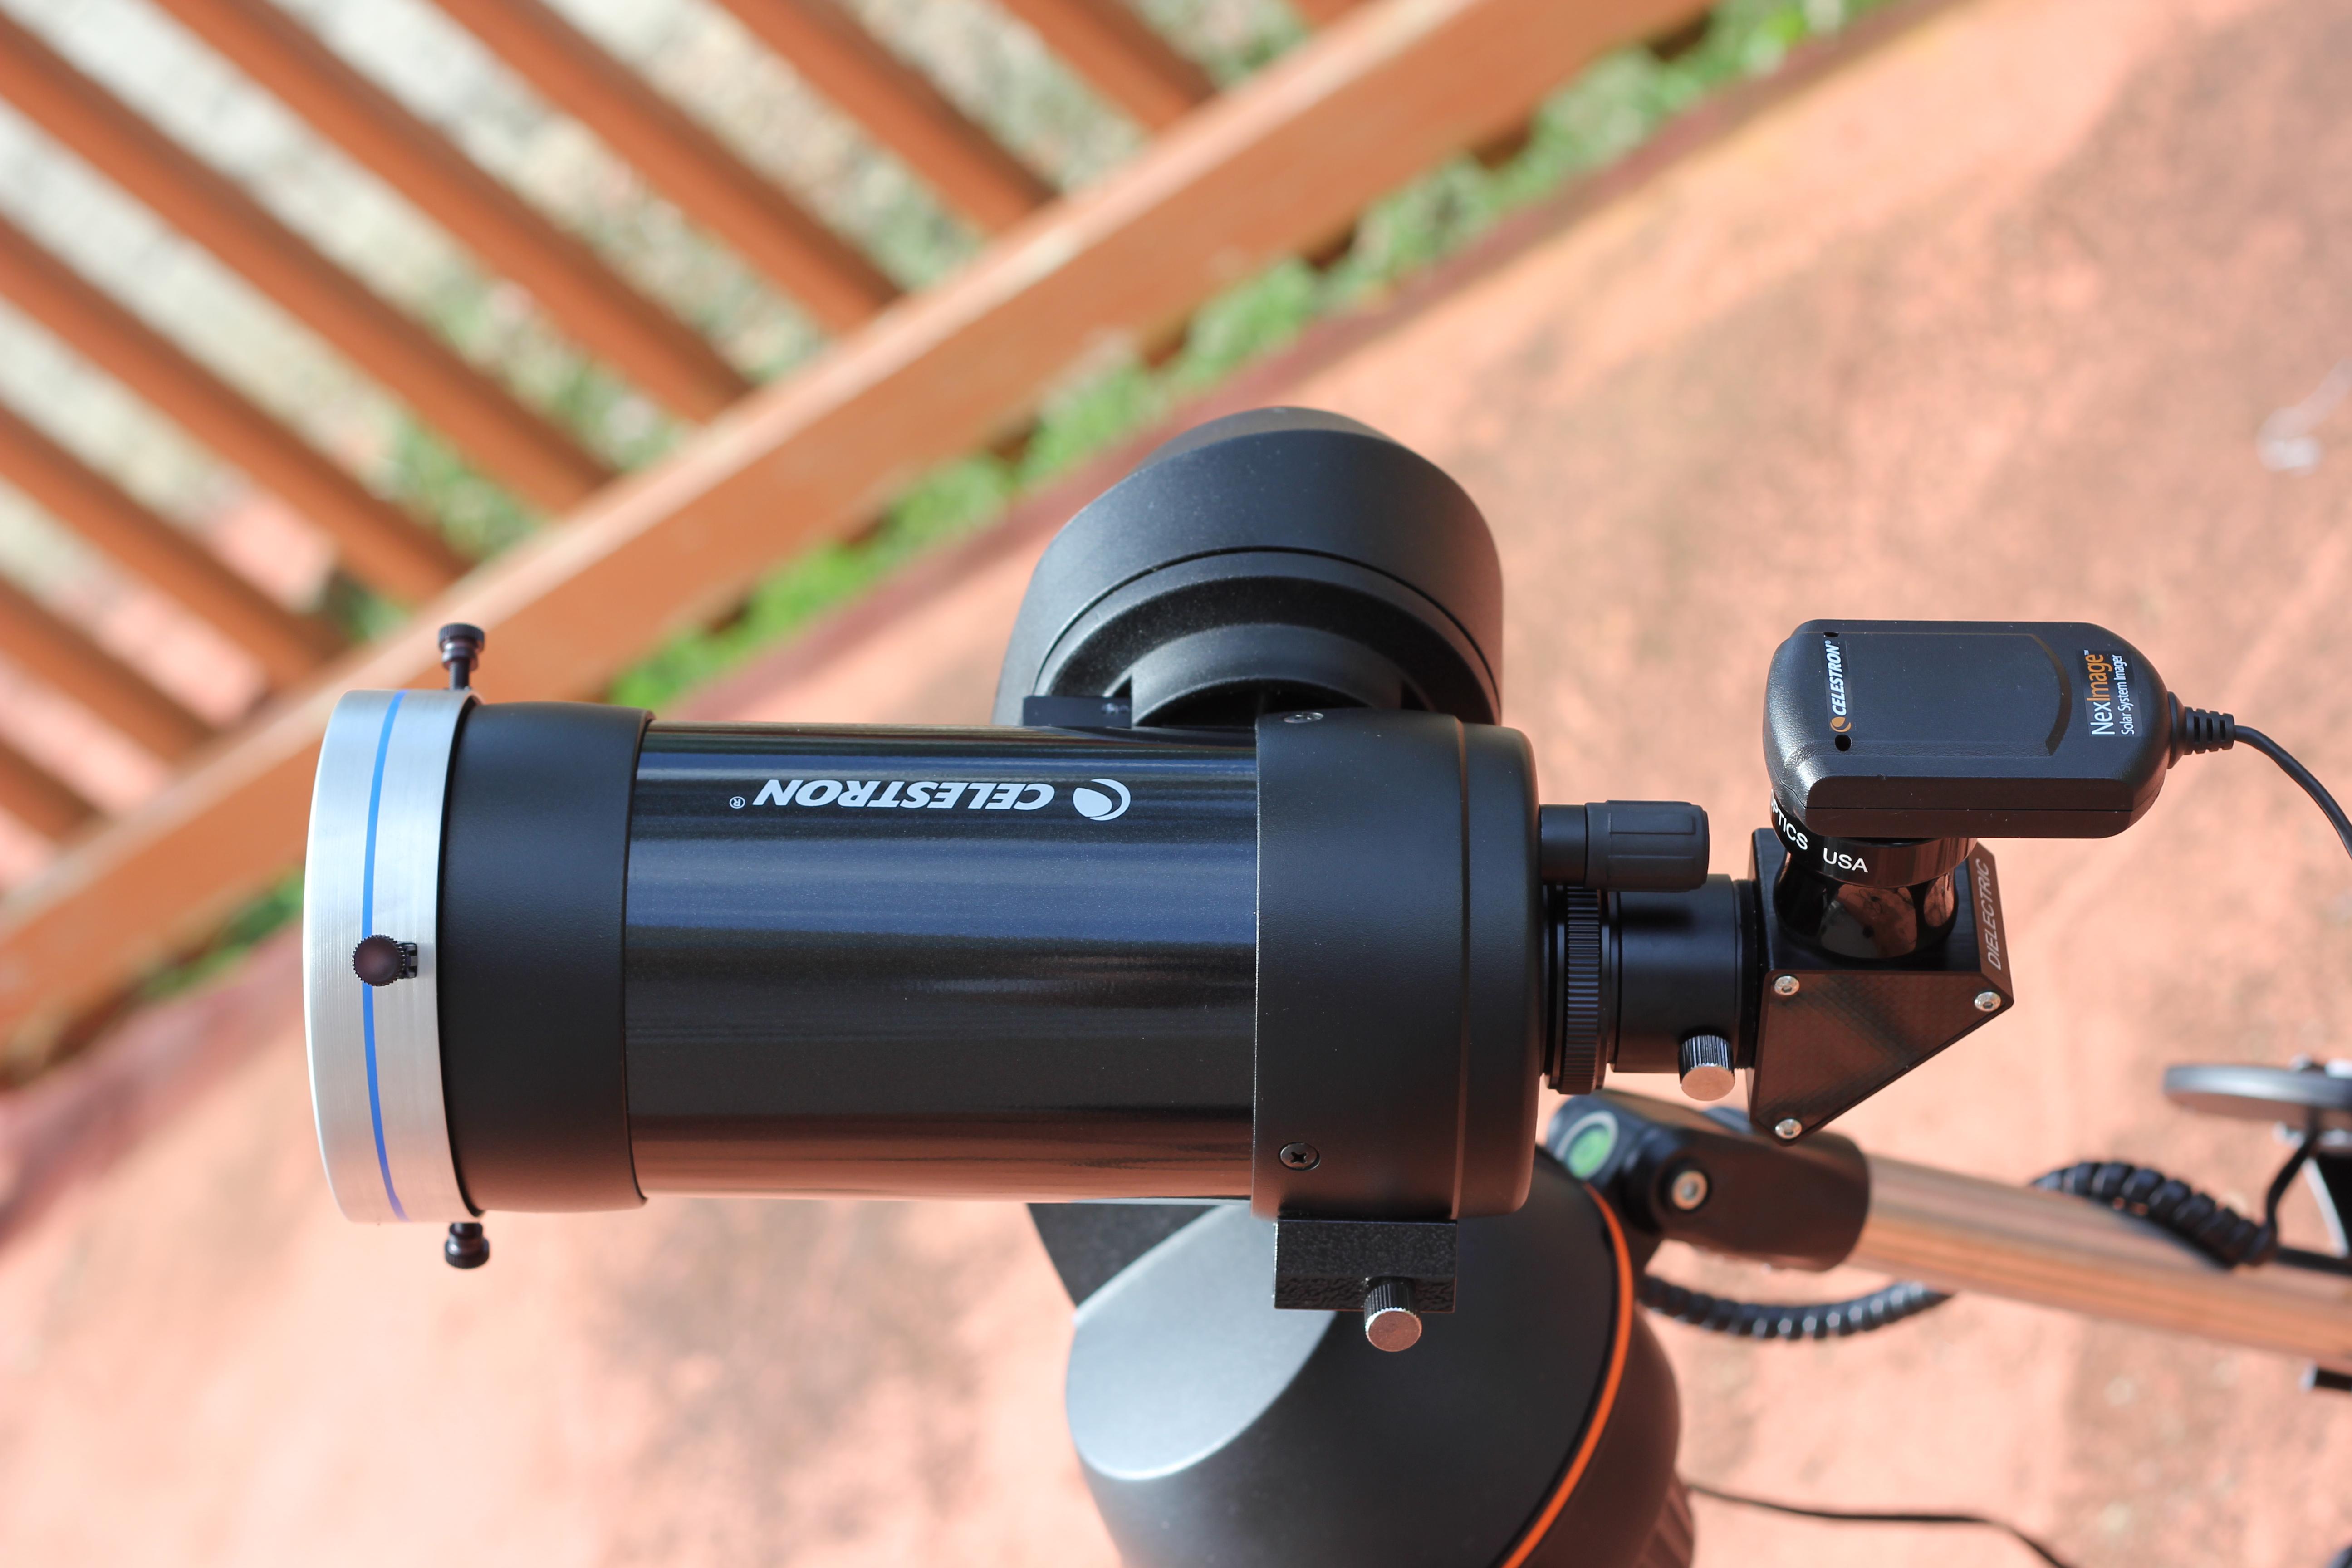 Maksutov C90 con filtro de luz blanca para fotografiar el sol.